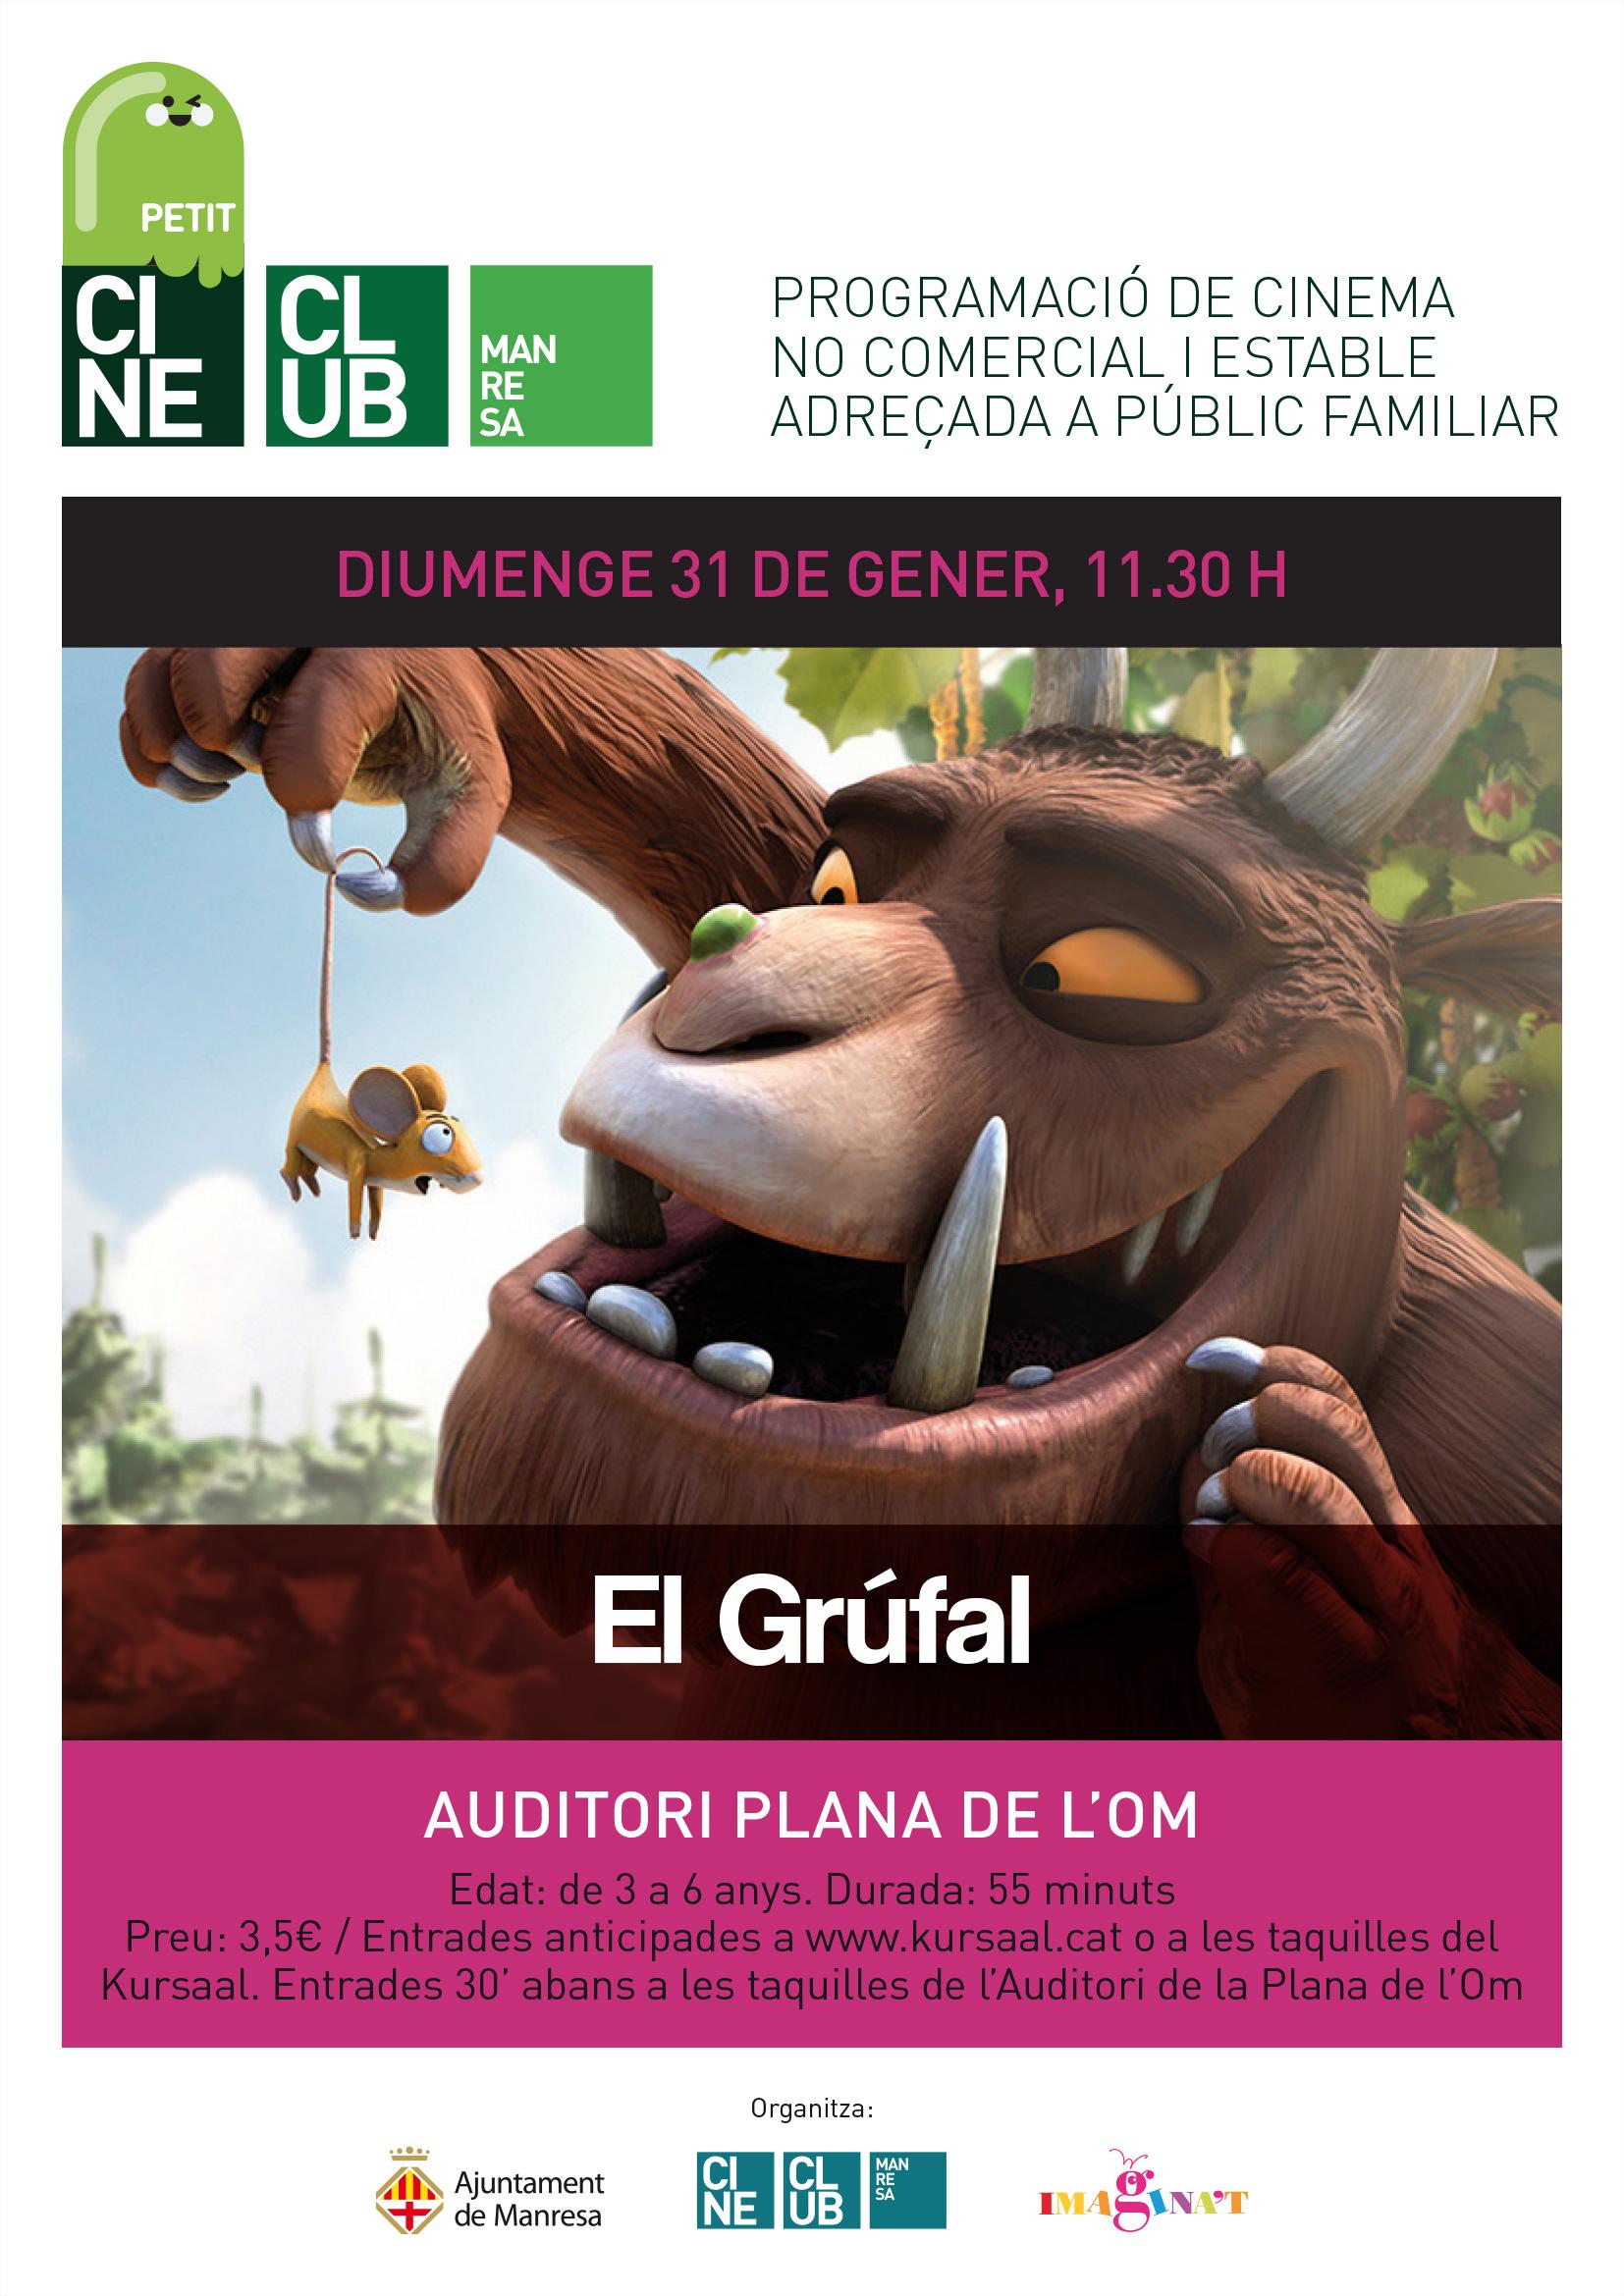 """La temporada d'hivern de Petit Cine Club s'inicia amb la projecció de """"El Grúfal"""", recomanada per a infants de 3 a 6 anys"""